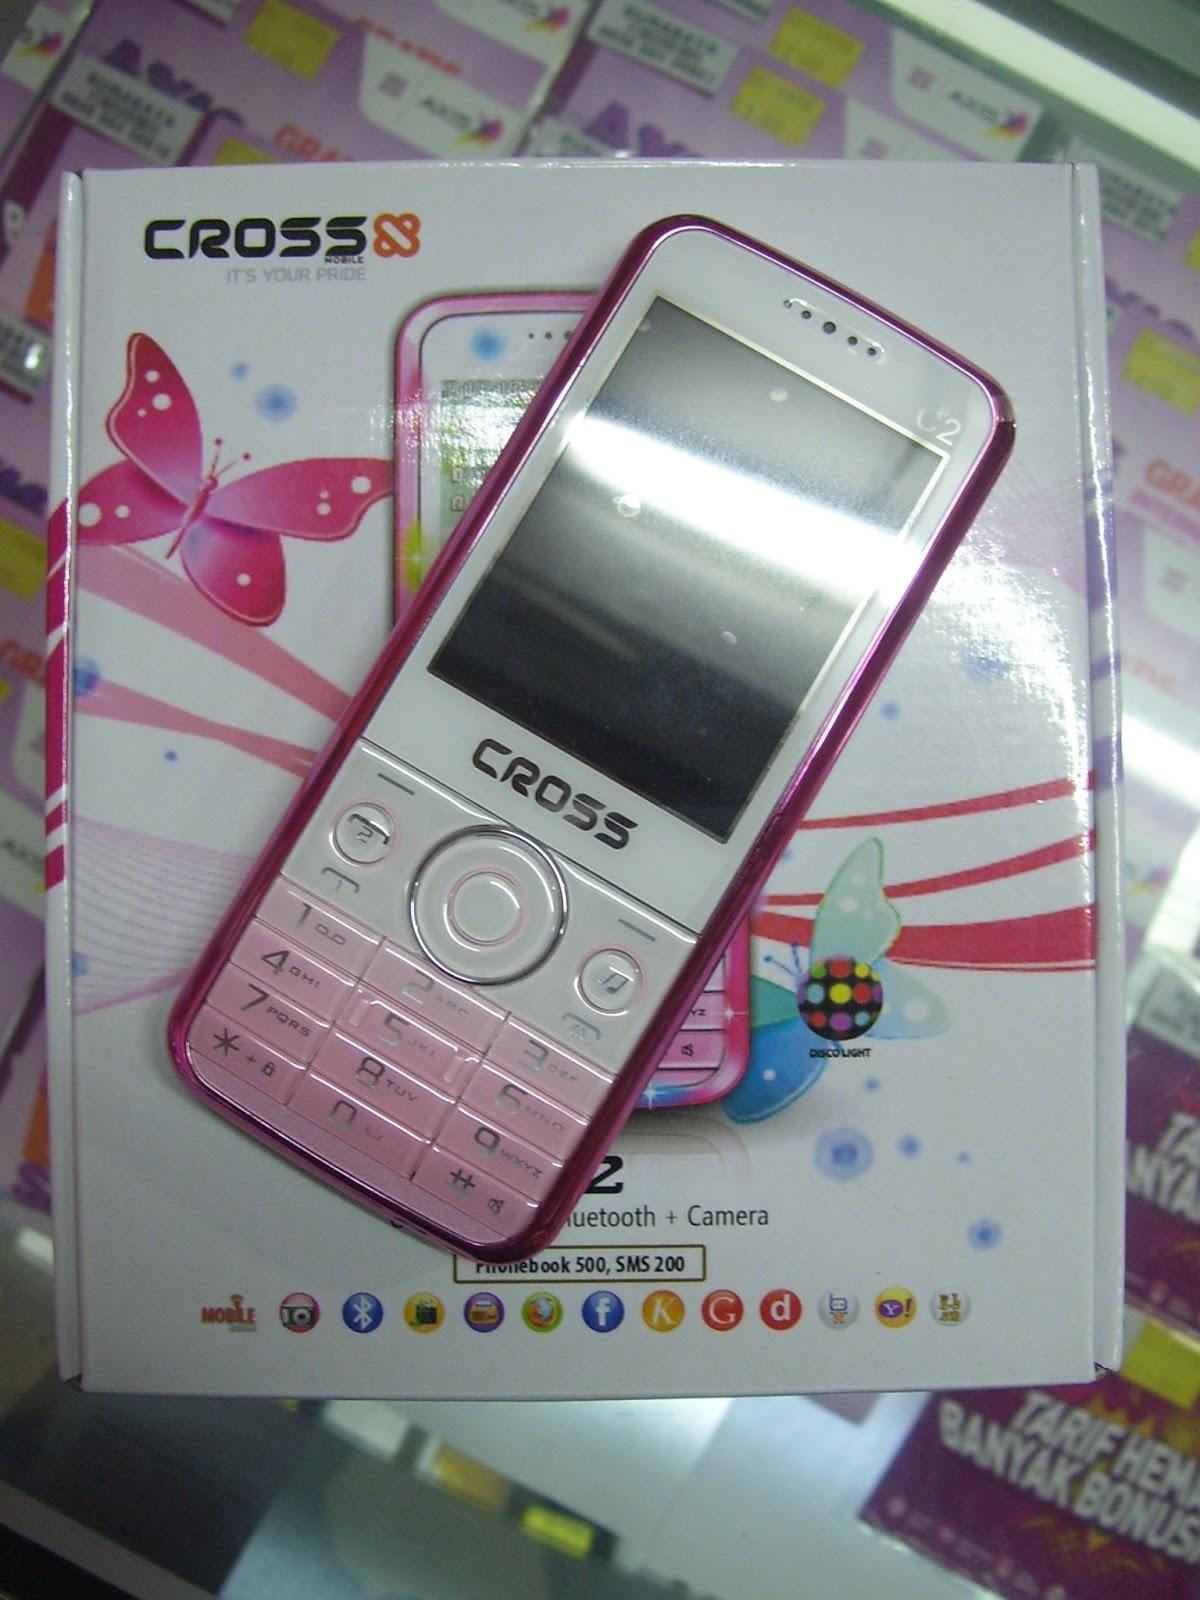 cross c2 rp 265 000 spesifikasi cross c5 rp 250